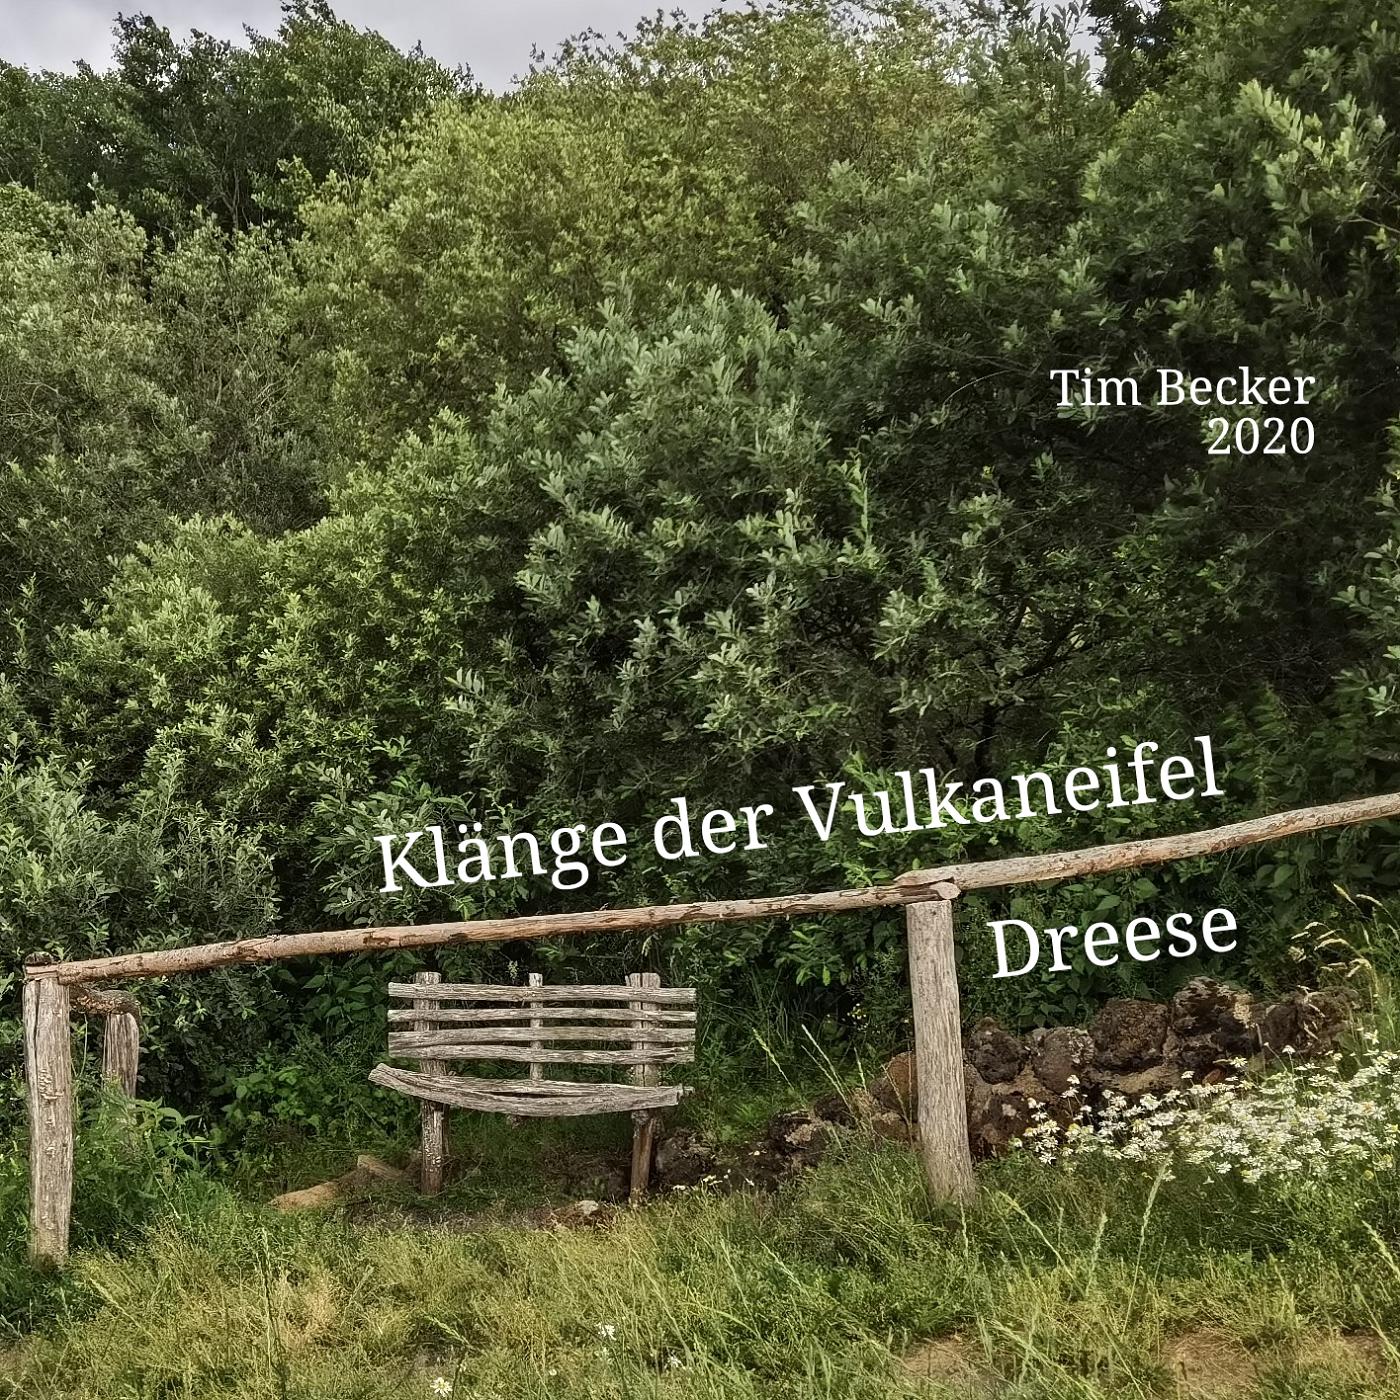 Klänge der Vulkaneifel   Dreese